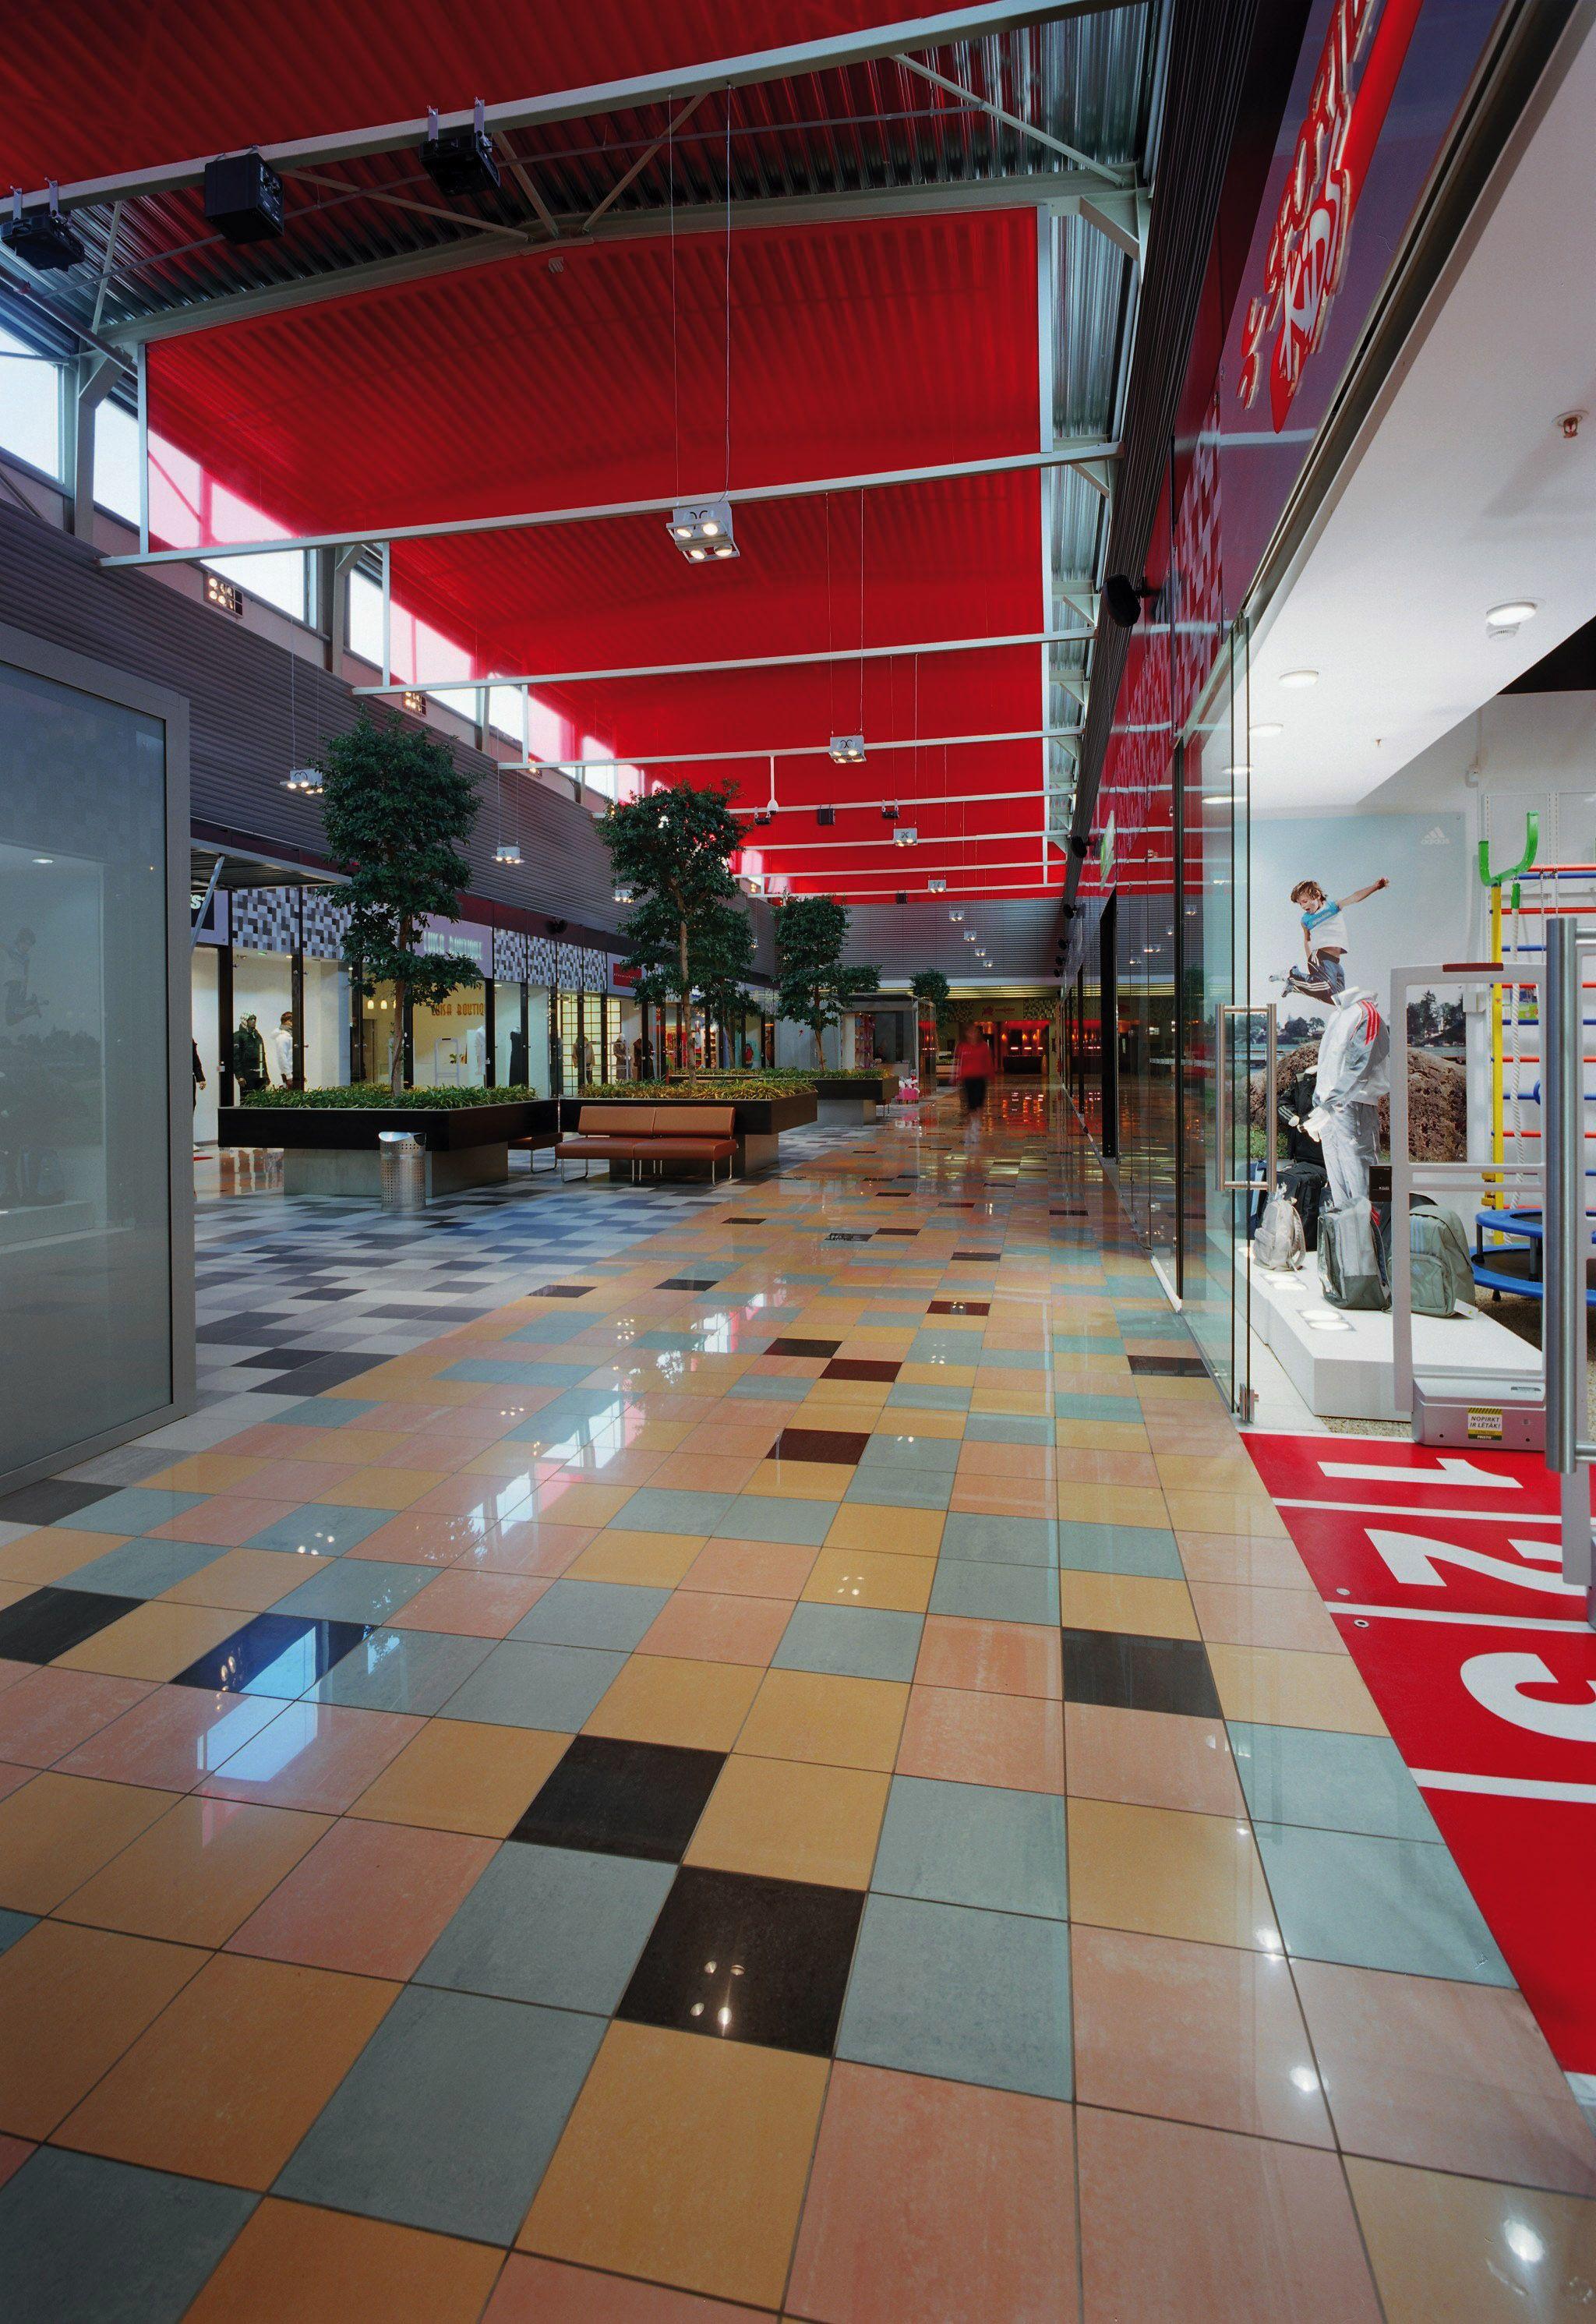 """Lo spazio commerciale si caratterizza per l'originale composizione cromatica a """"pixel"""" che ricopre completamente la pavimentazione ceramica, ottenuta con piastrelle di piccolo formato (30x30). Per approfondimenti: http://www.casalgrandepadana.it/index.cfm/1,936,0,0,html/Sky-Shopping-centre-Riga-Lettonia"""